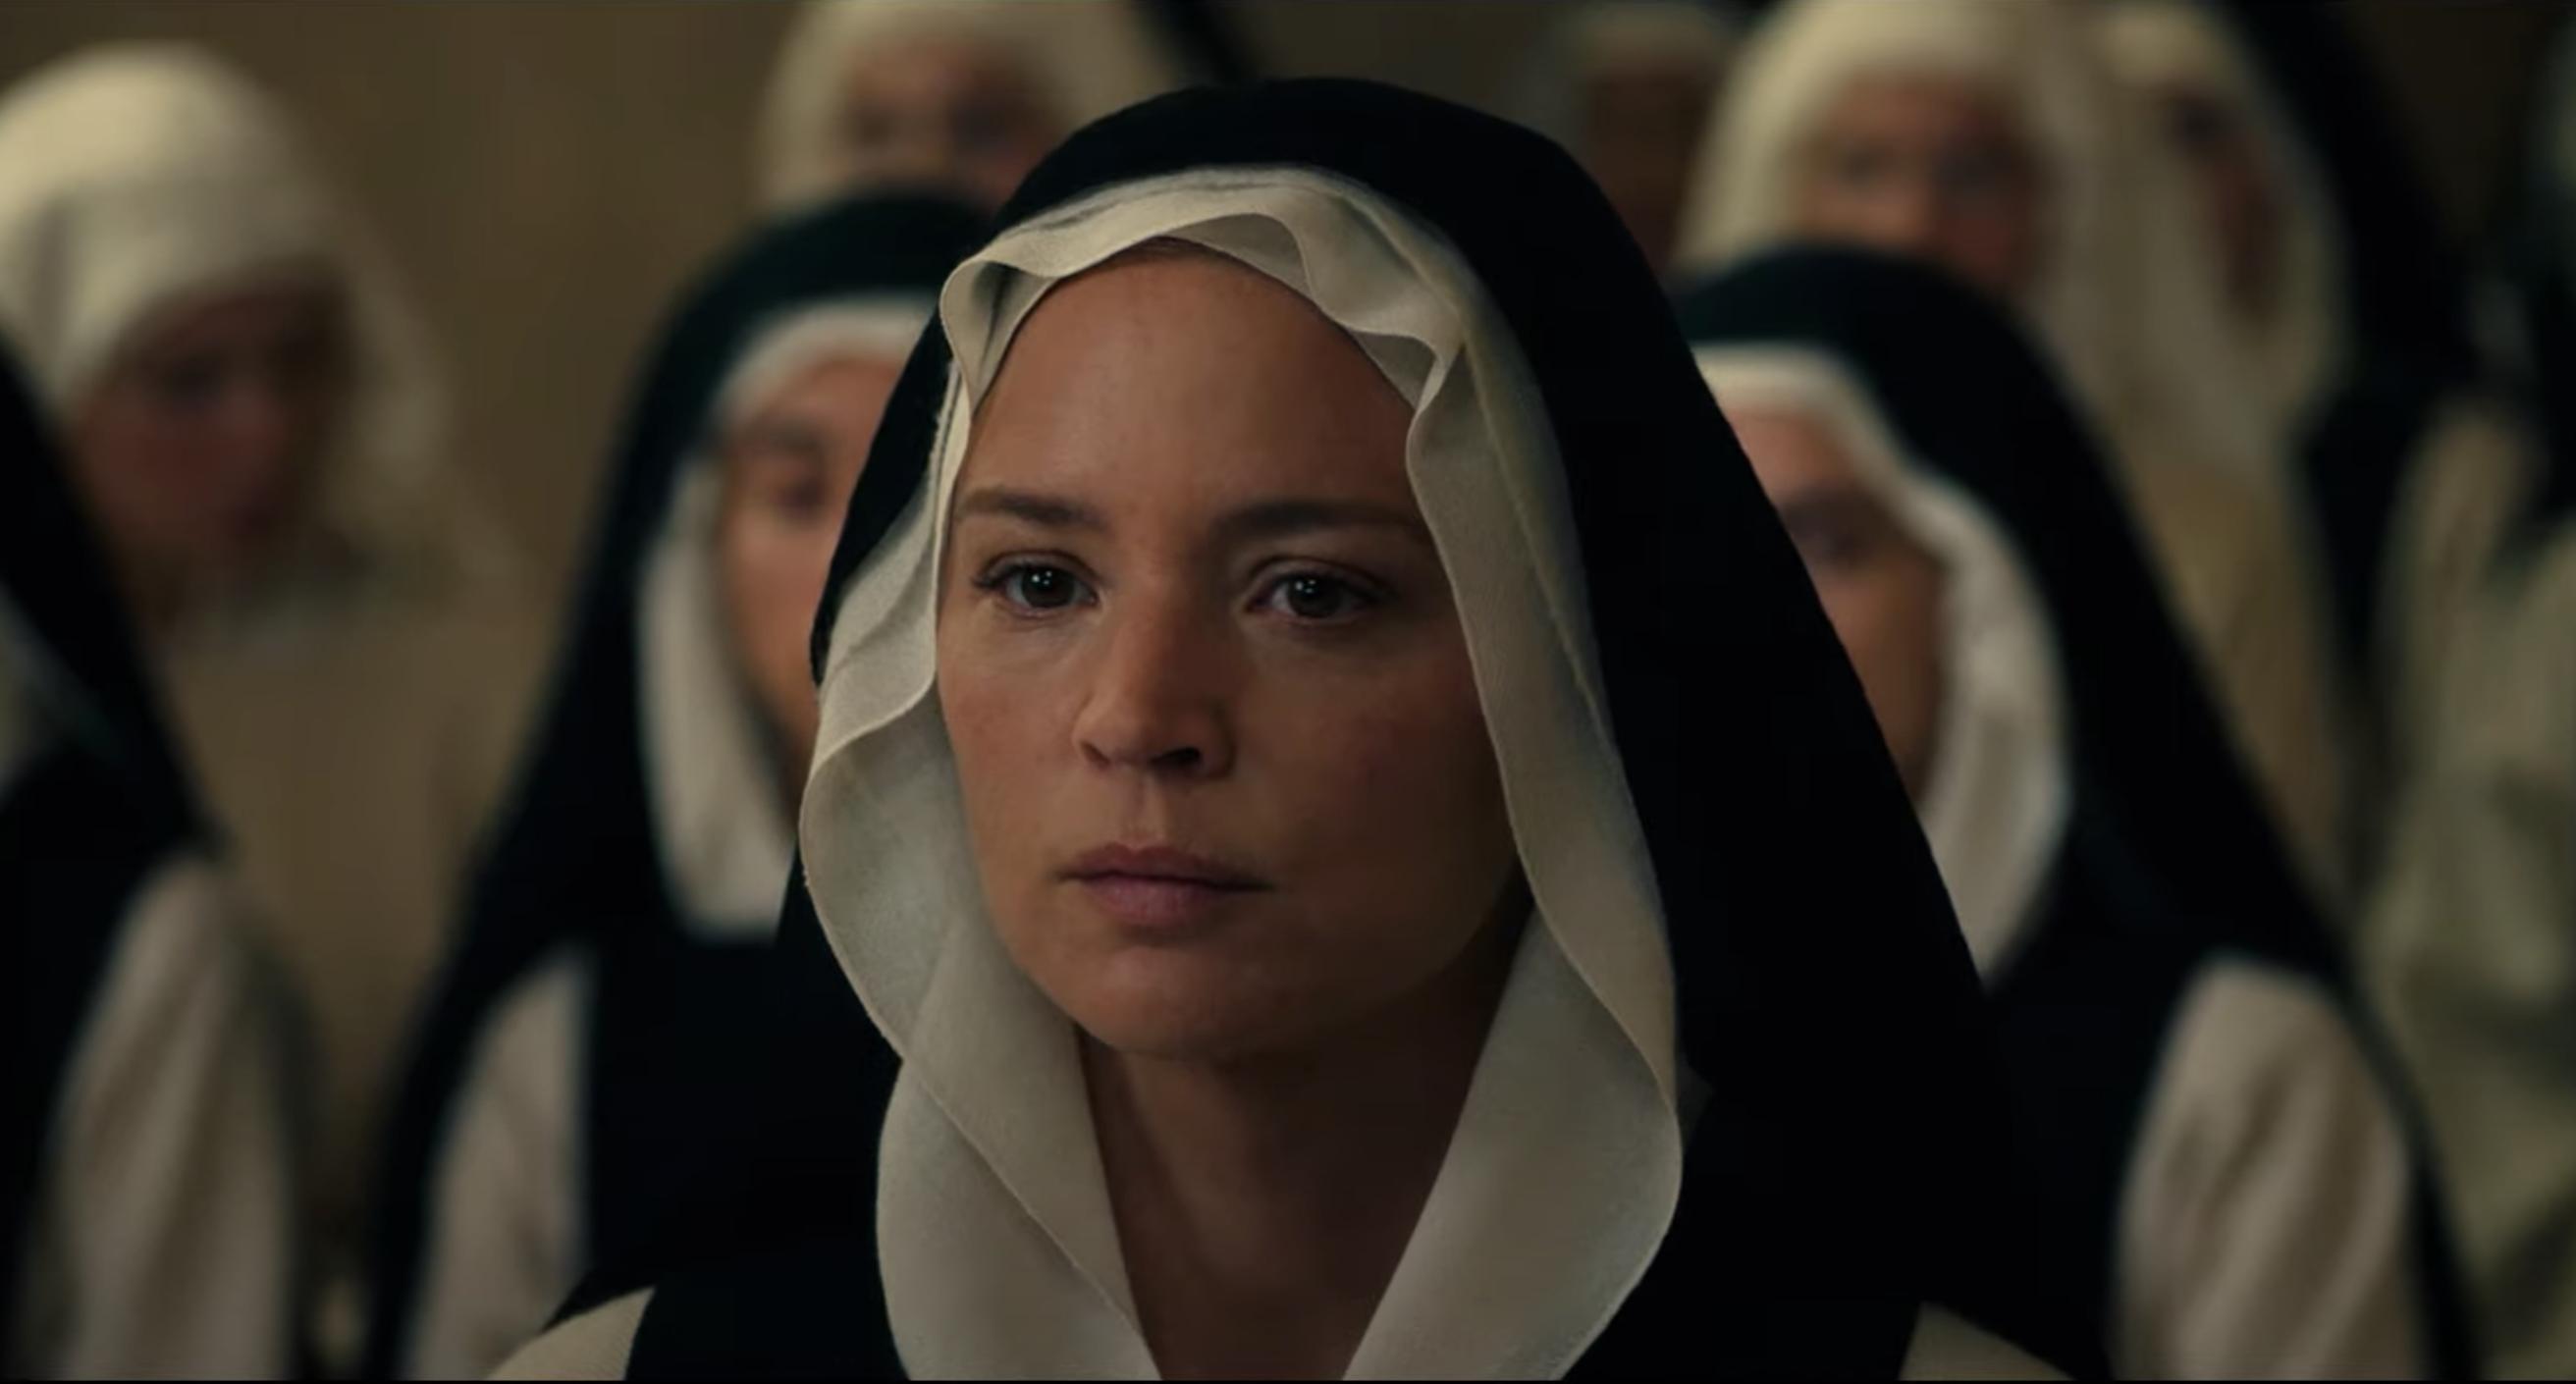 Benedetta, la recensione del Paul Verhoeven con Virginie Efira presentato in anteprima mondiale al Festival di Cannes.